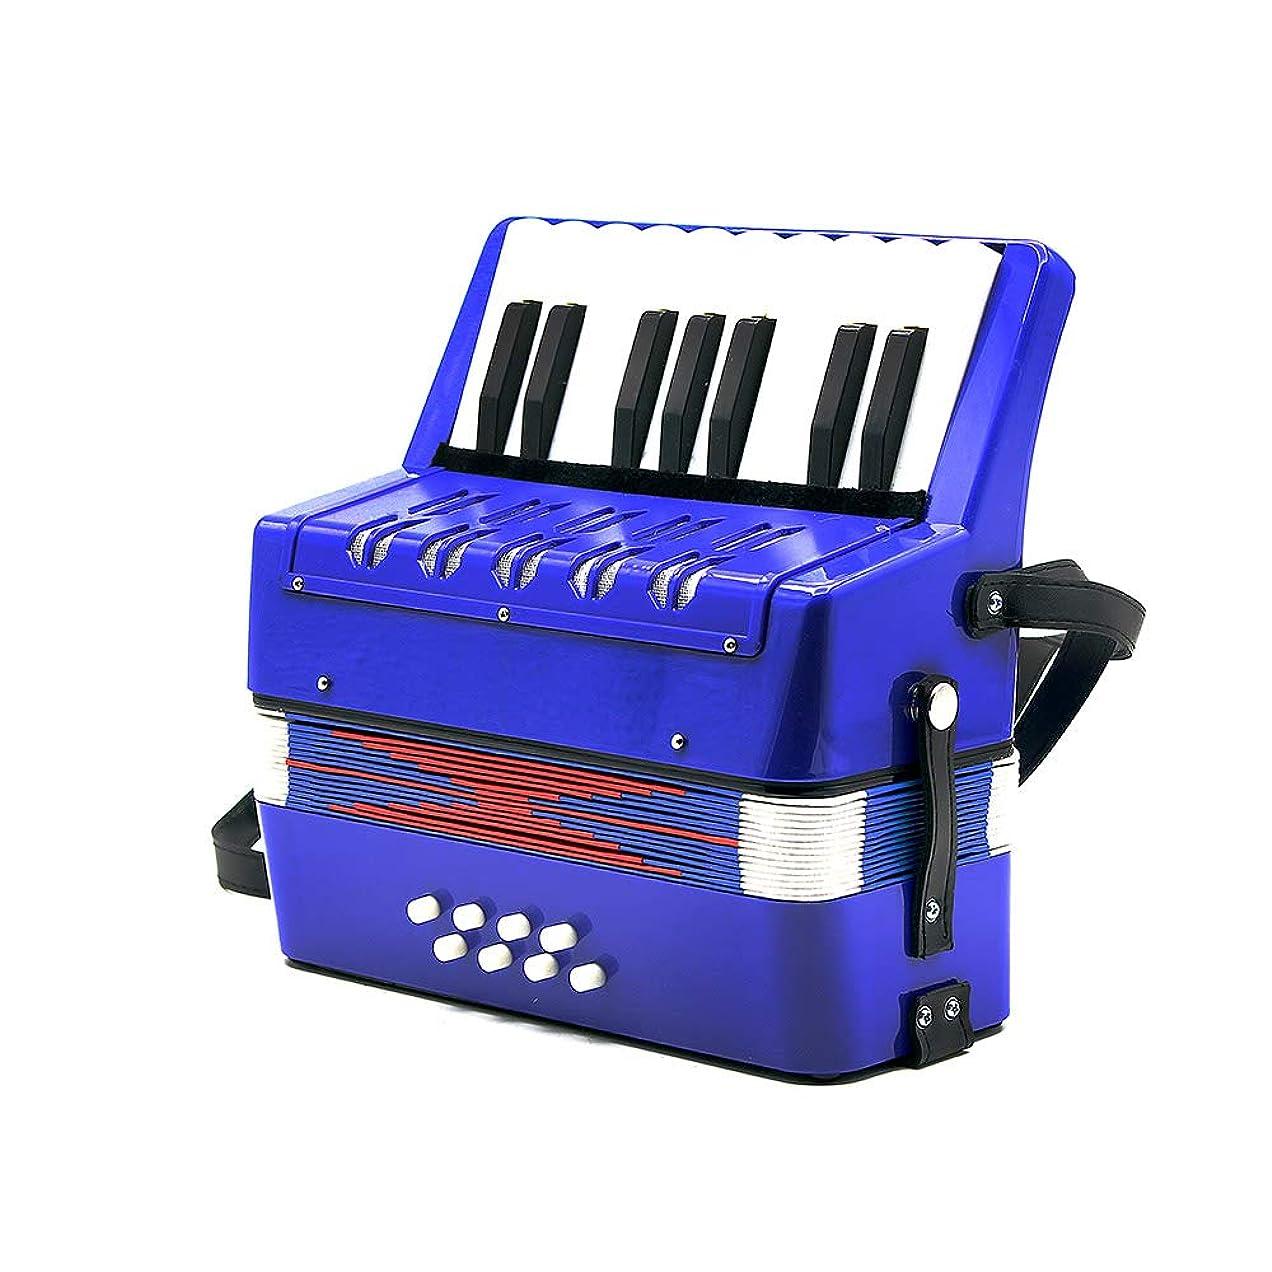 メーカー小道具ファイナンスRaiFu アコーディオン 17鍵 8ベース 子供用 ミニ 教育 楽器 おもちゃ 玩具 リズムバンド 初心者 大人 全3色選択可能 ブルー